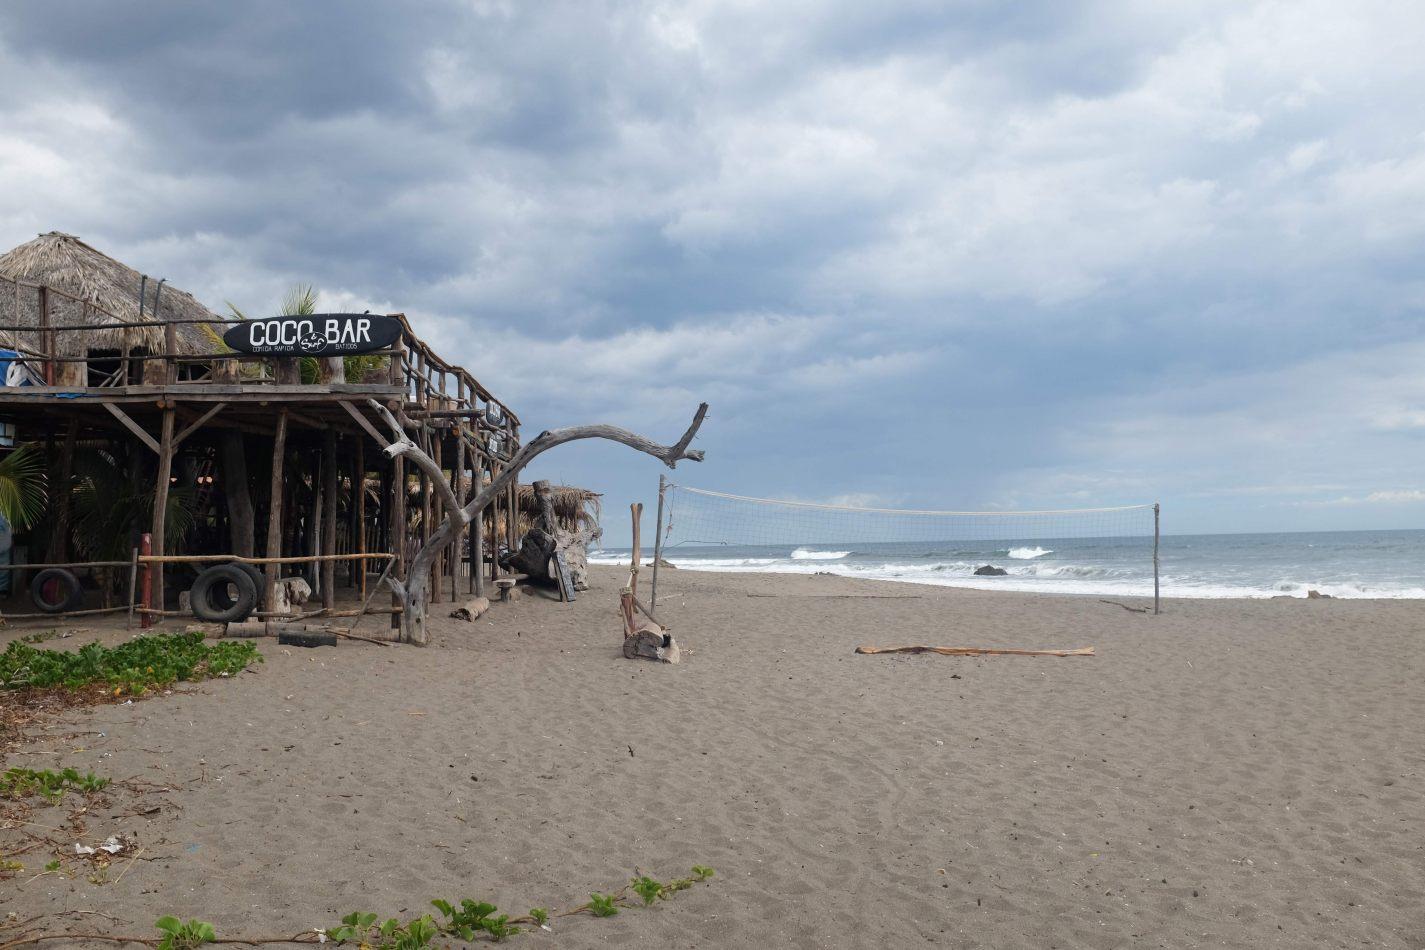 Hibiscus & Nomada : - - Coco Beach Bar